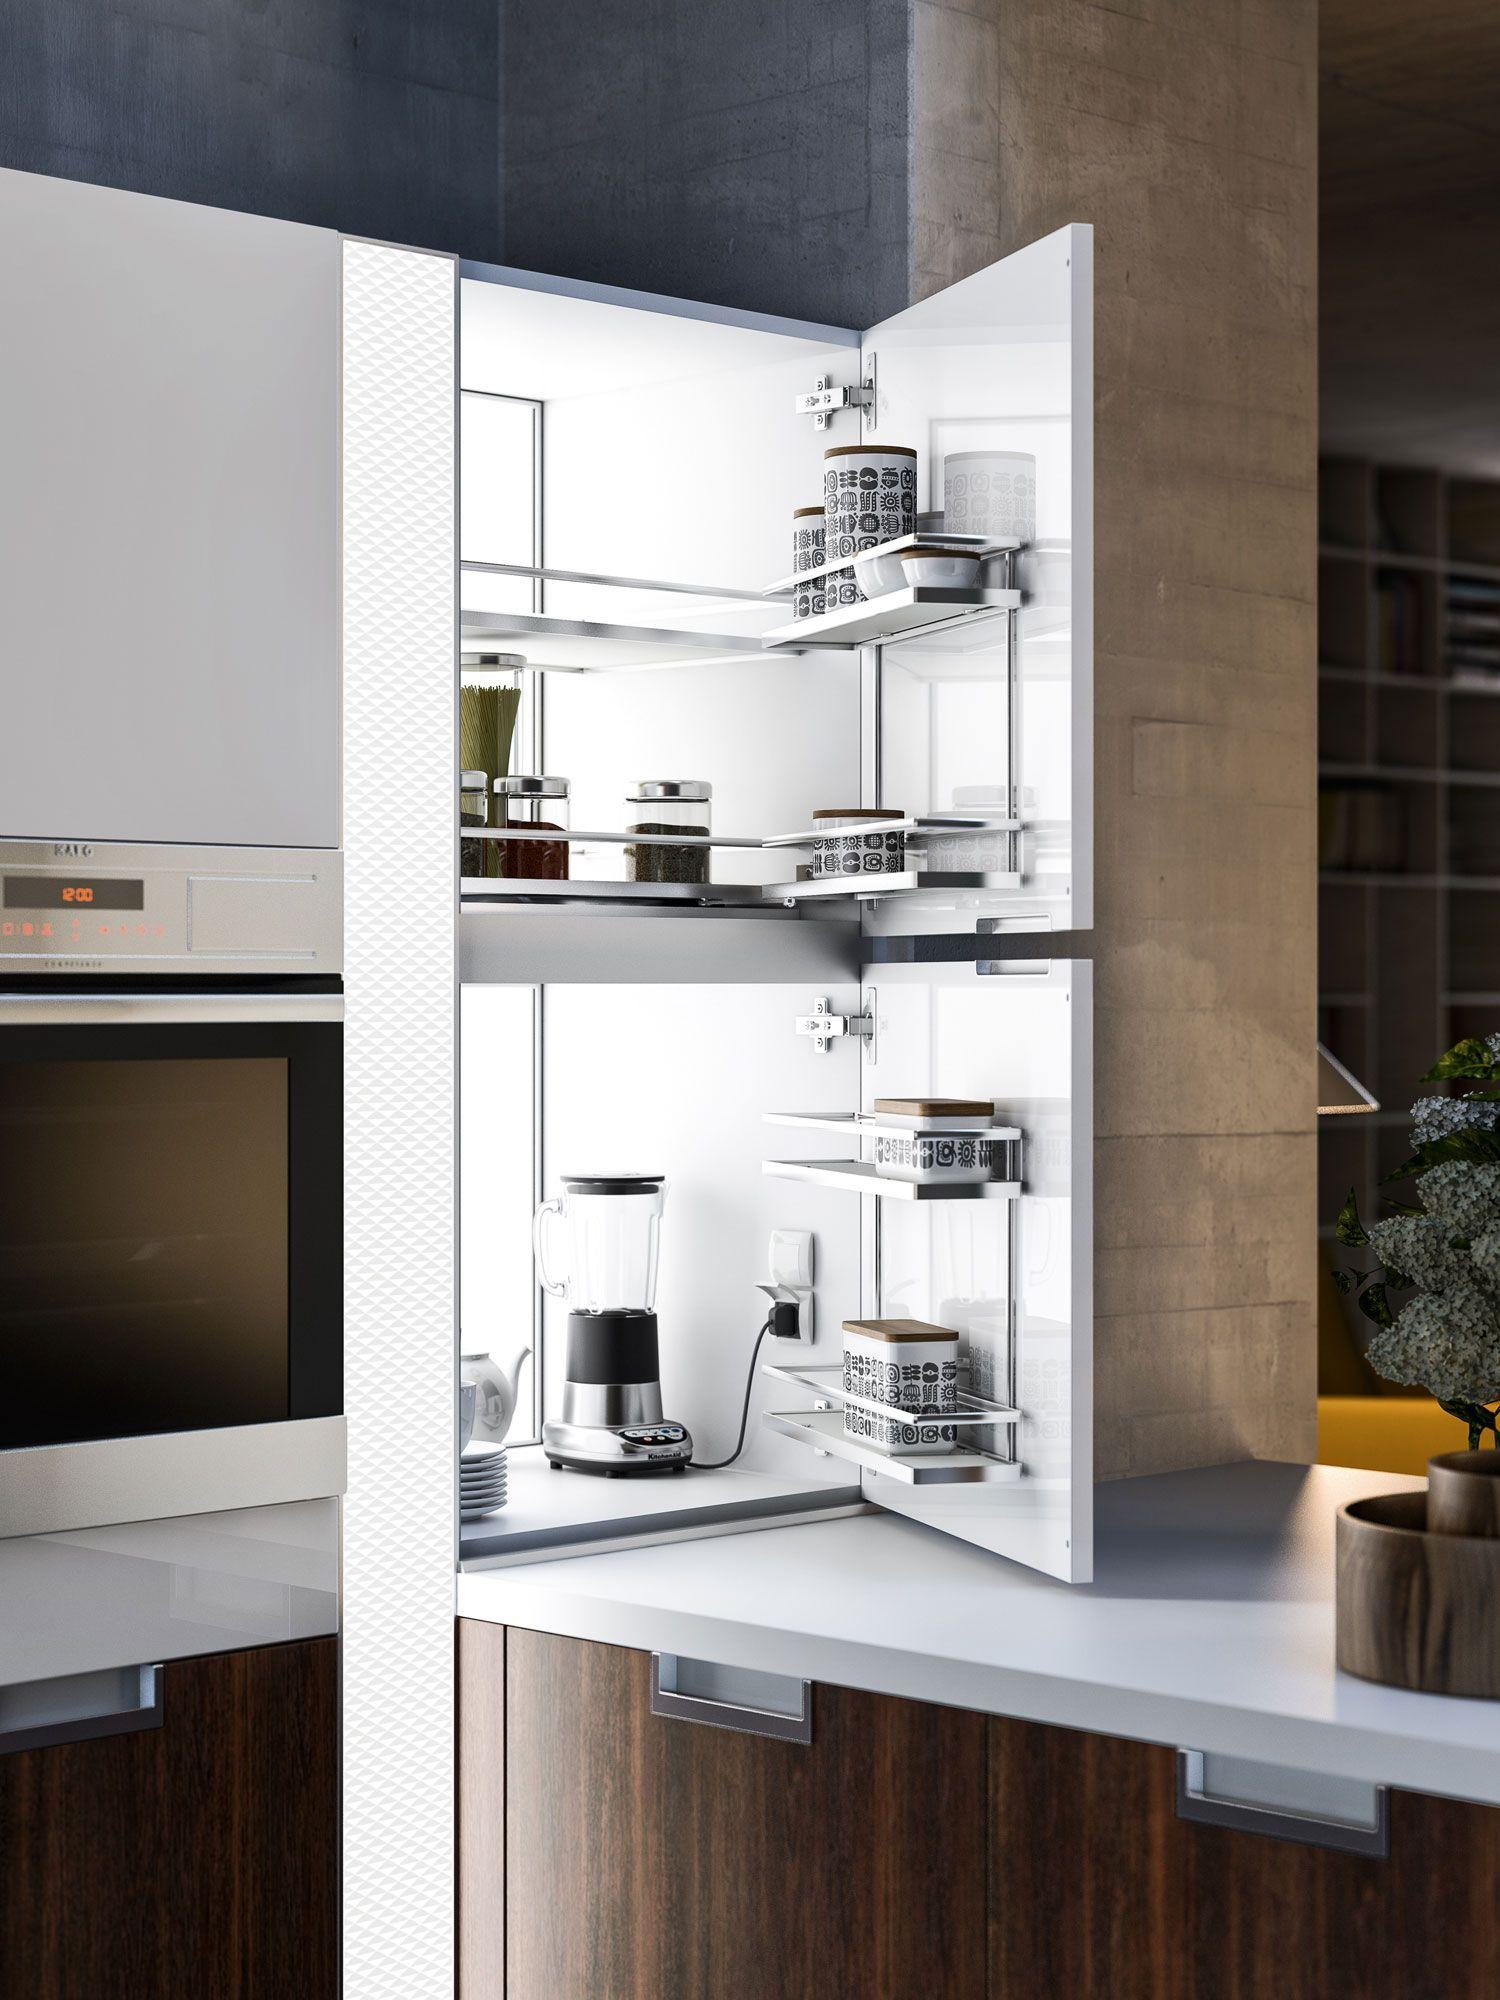 Cucine moderne con isola: design e luce con Lux | Snaidero ...